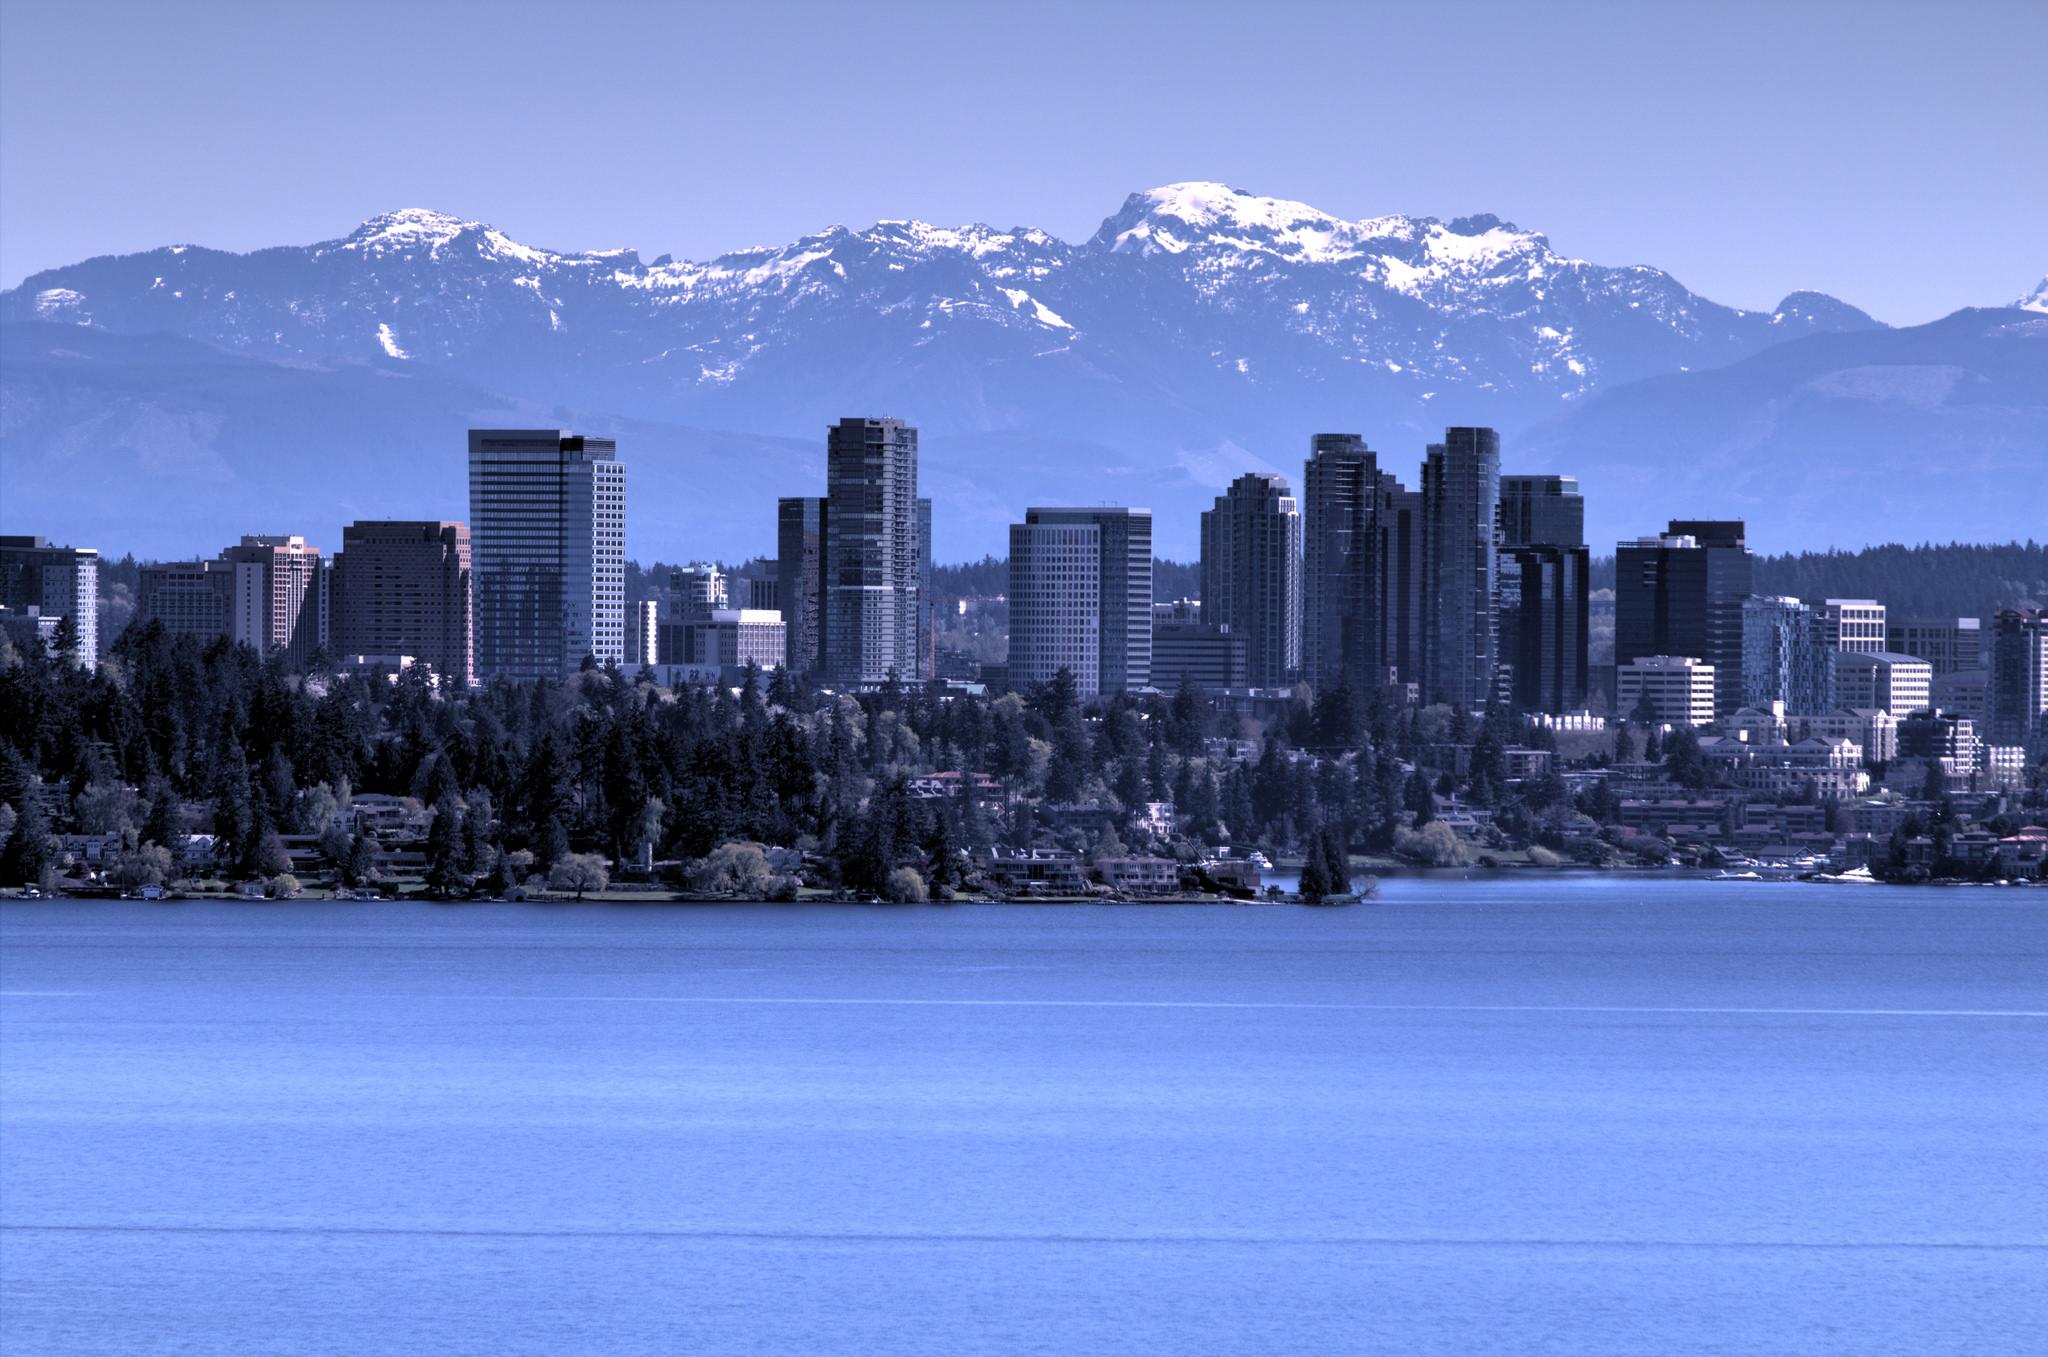 2. Bellevue, Washington